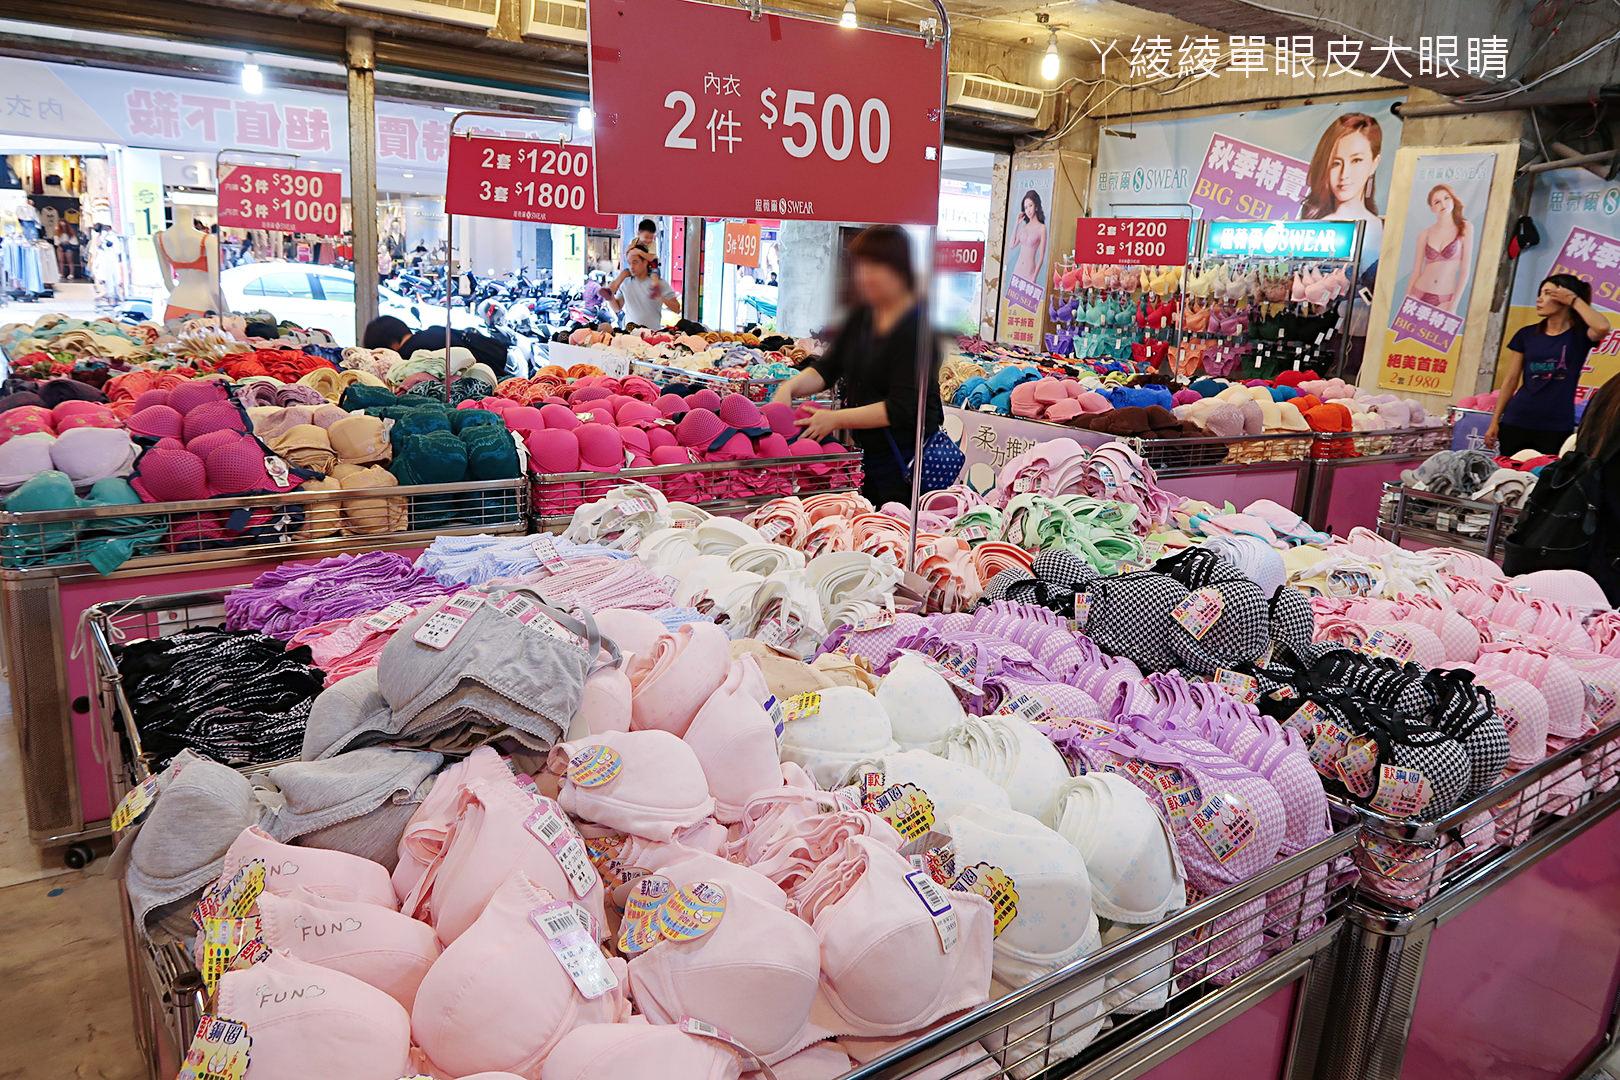 板橋思薇爾內衣特賣會,快來府中商圈搶購!內衣平均一件166元、全館滿額折抵贈好禮